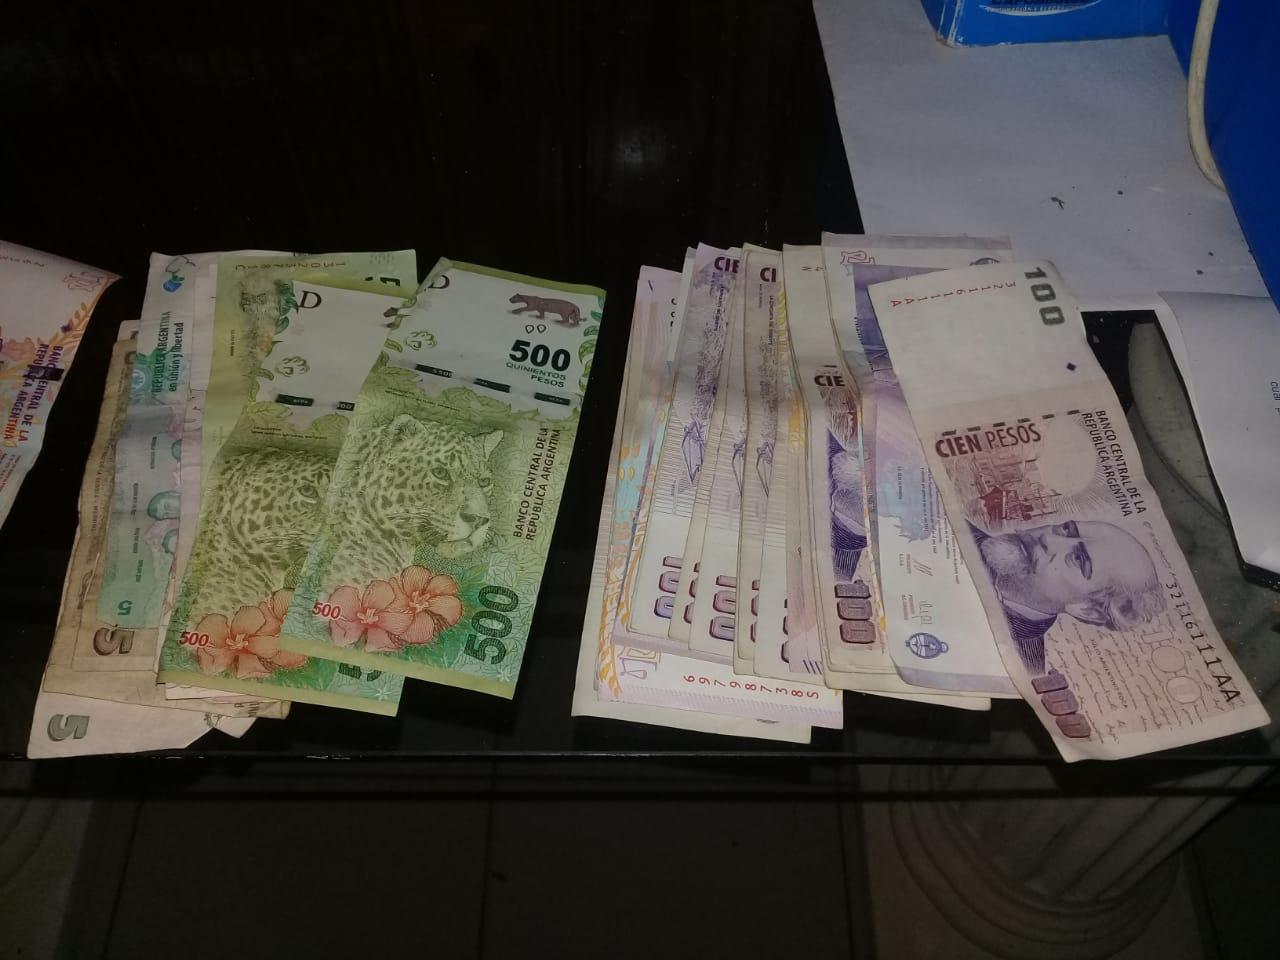 DOS MUJERES APREHENDIDAS POR LA SUSTRACCIÓN DE UNA BILLETERA CON $12 MIL